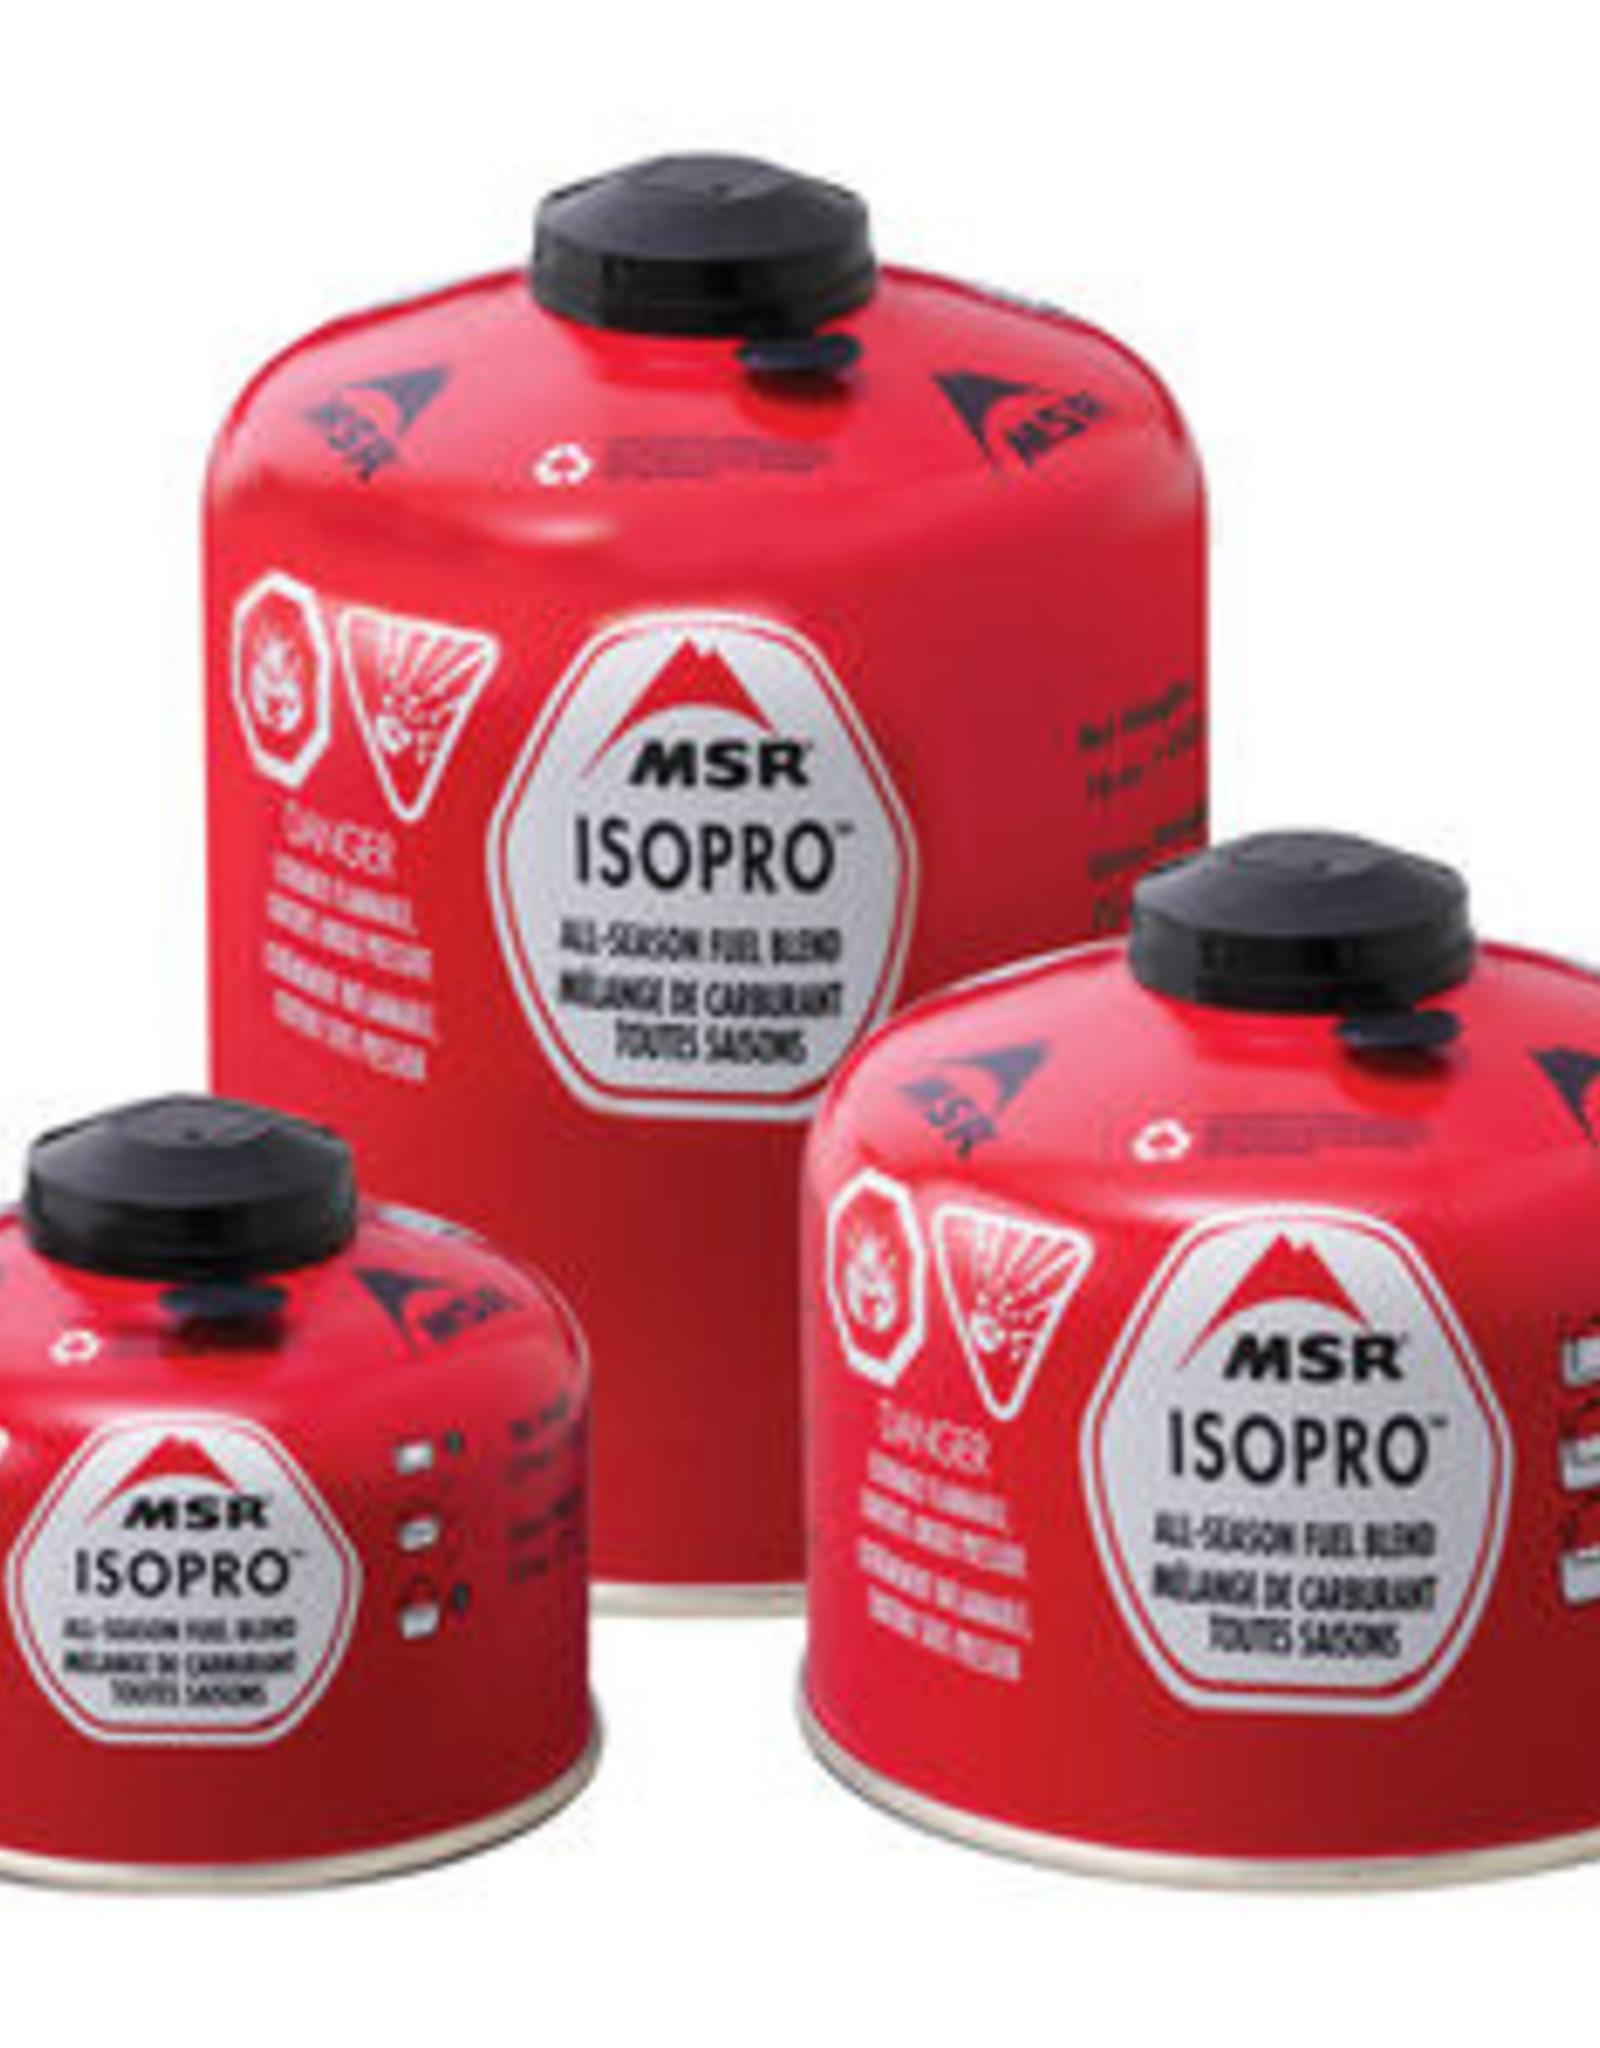 MSR MSR Isopro Canister Fuel 16 oz